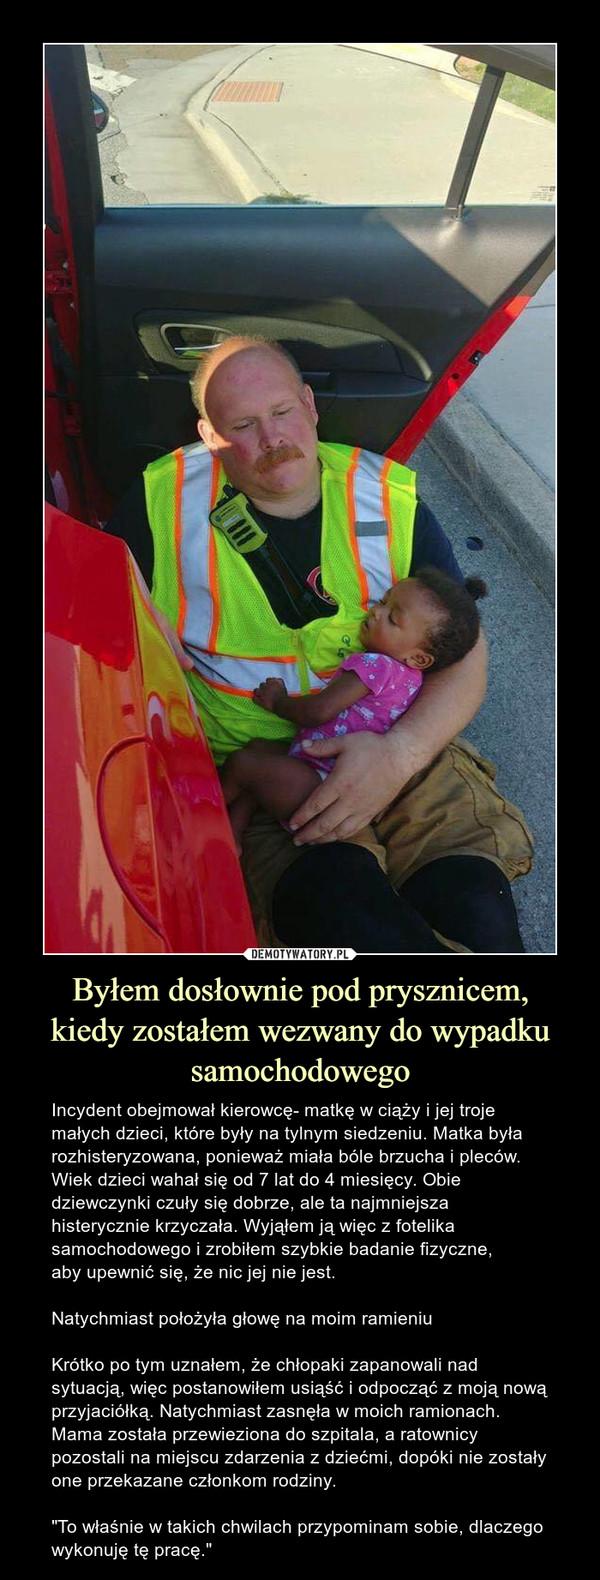 """Byłem dosłownie pod prysznicem,kiedy zostałem wezwany do wypadku samochodowego – Incydent obejmował kierowcę- matkę w ciąży i jej troje małych dzieci, które były na tylnym siedzeniu. Matka była rozhisteryzowana, ponieważ miała bóle brzucha i pleców. Wiek dzieci wahał się od 7 lat do 4 miesięcy. Obie dziewczynki czuły się dobrze, ale ta najmniejsza histerycznie krzyczała. Wyjąłem ją więc z fotelika samochodowego i zrobiłem szybkie badanie fizyczne,aby upewnić się, że nic jej nie jest.Natychmiast położyła głowę na moim ramieniuKrótko po tym uznałem, że chłopaki zapanowali nad sytuacją, więc postanowiłem usiąść i odpocząć z moją nową przyjaciółką. Natychmiast zasnęła w moich ramionach. Mama została przewieziona do szpitala, a ratownicy pozostali na miejscu zdarzenia z dziećmi, dopóki nie zostały one przekazane członkom rodziny.""""To właśnie w takich chwilach przypominam sobie, dlaczego wykonuję tę pracę."""" Incydent obejmował kierowcę- matkę w ciąży i jej troje małych dzieci, które były na tylnym siedzeniu. Matka była rozhisteryzowana, ponieważ miała bóle brzucha i pleców. Wiek dzieci wahał się od 7 lat do 4 miesięcy. Obie dziewczynki czuły się dobrze, ale ta najmniejsza histerycznie krzyczała. Wyjąłem ją więc z fotelika samochodowego i zrobiłem szybkie badanie fizyczne, aby upewnić się, że nic jej nie jest.Natychmiast położyła głowę na moim ramieniuKrótko po tym uznałem, że chłopaki zapanowali nad sytuacją, więc postanowiłem usiąść i odpocząć z moją nową przyjaciółką. Natychmiast zasnęła w moich ramionach. Mama została przewieziona do szpitala, a ratownicy pozostali na miejscu zdarzenia z dziećmi, dopóki nie zostały one przekazane członkom rodziny.""""To właśnie w takich chwilach przypominam sobie, dlaczego wykonuję tę pracę."""""""